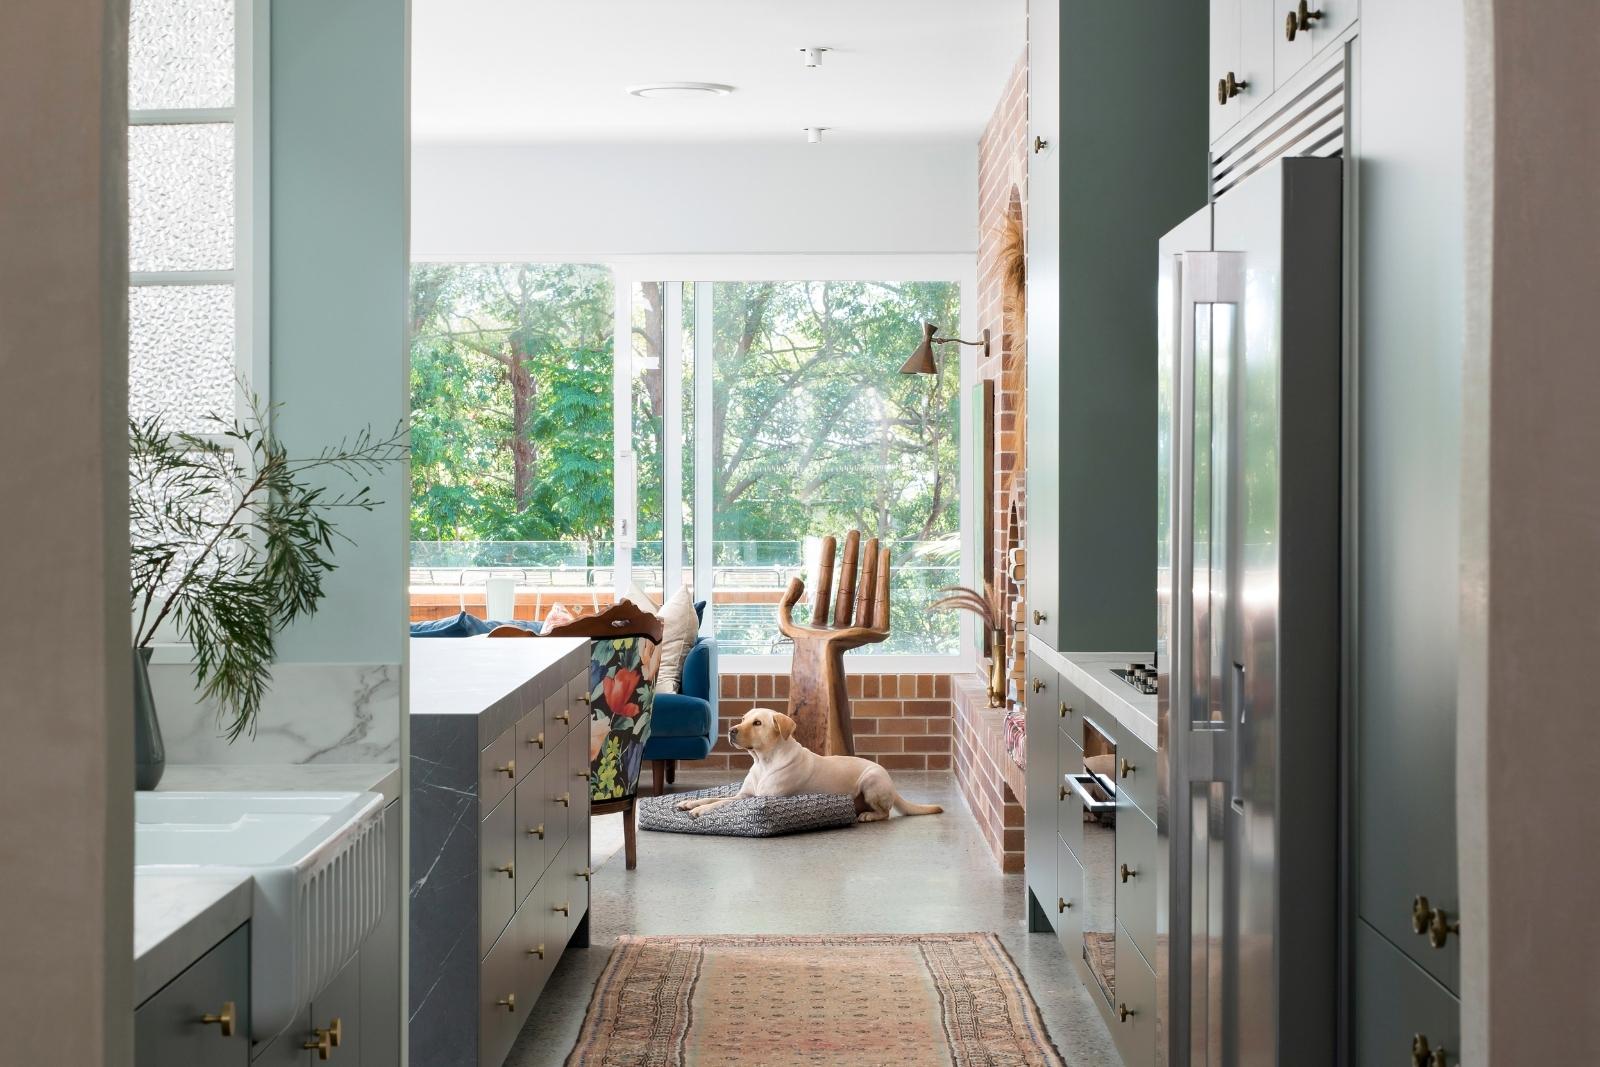 Galley Kitchen - Freedom Kitchen